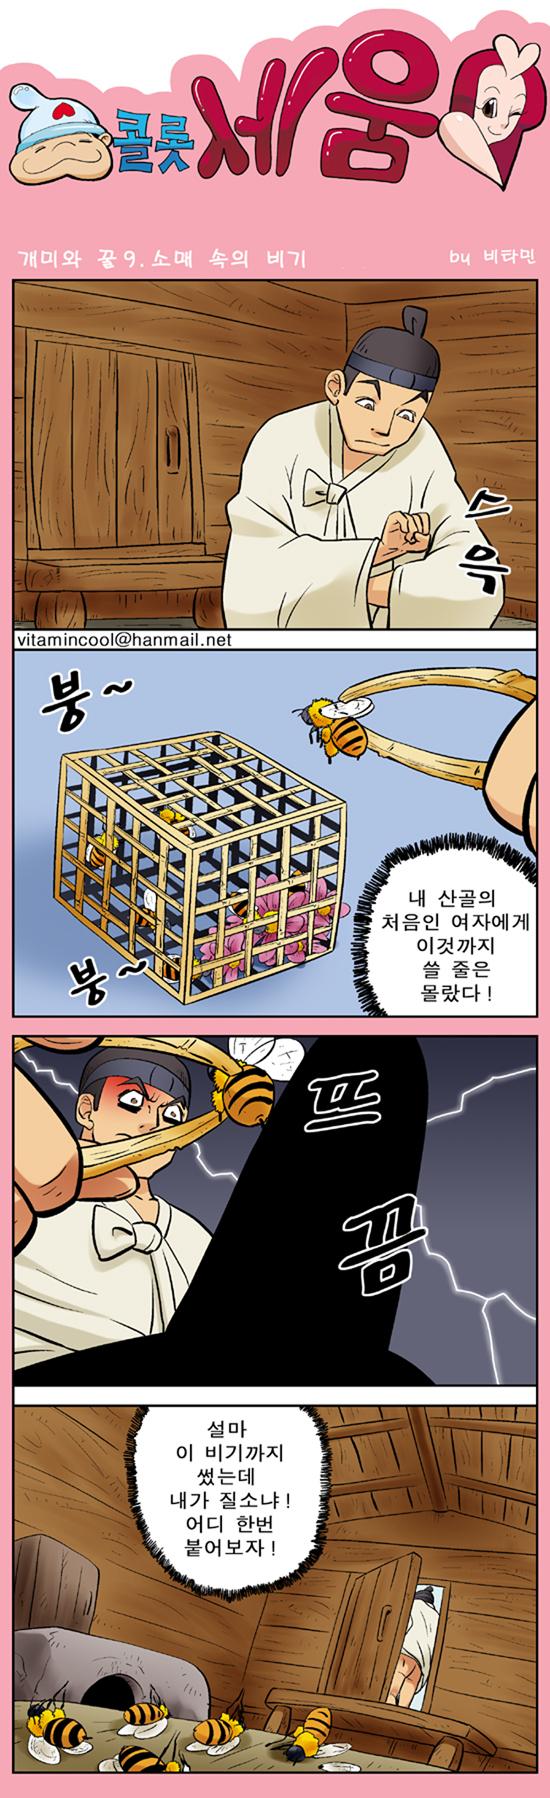 개미와 꿀 (9) 소매속의 비기_0